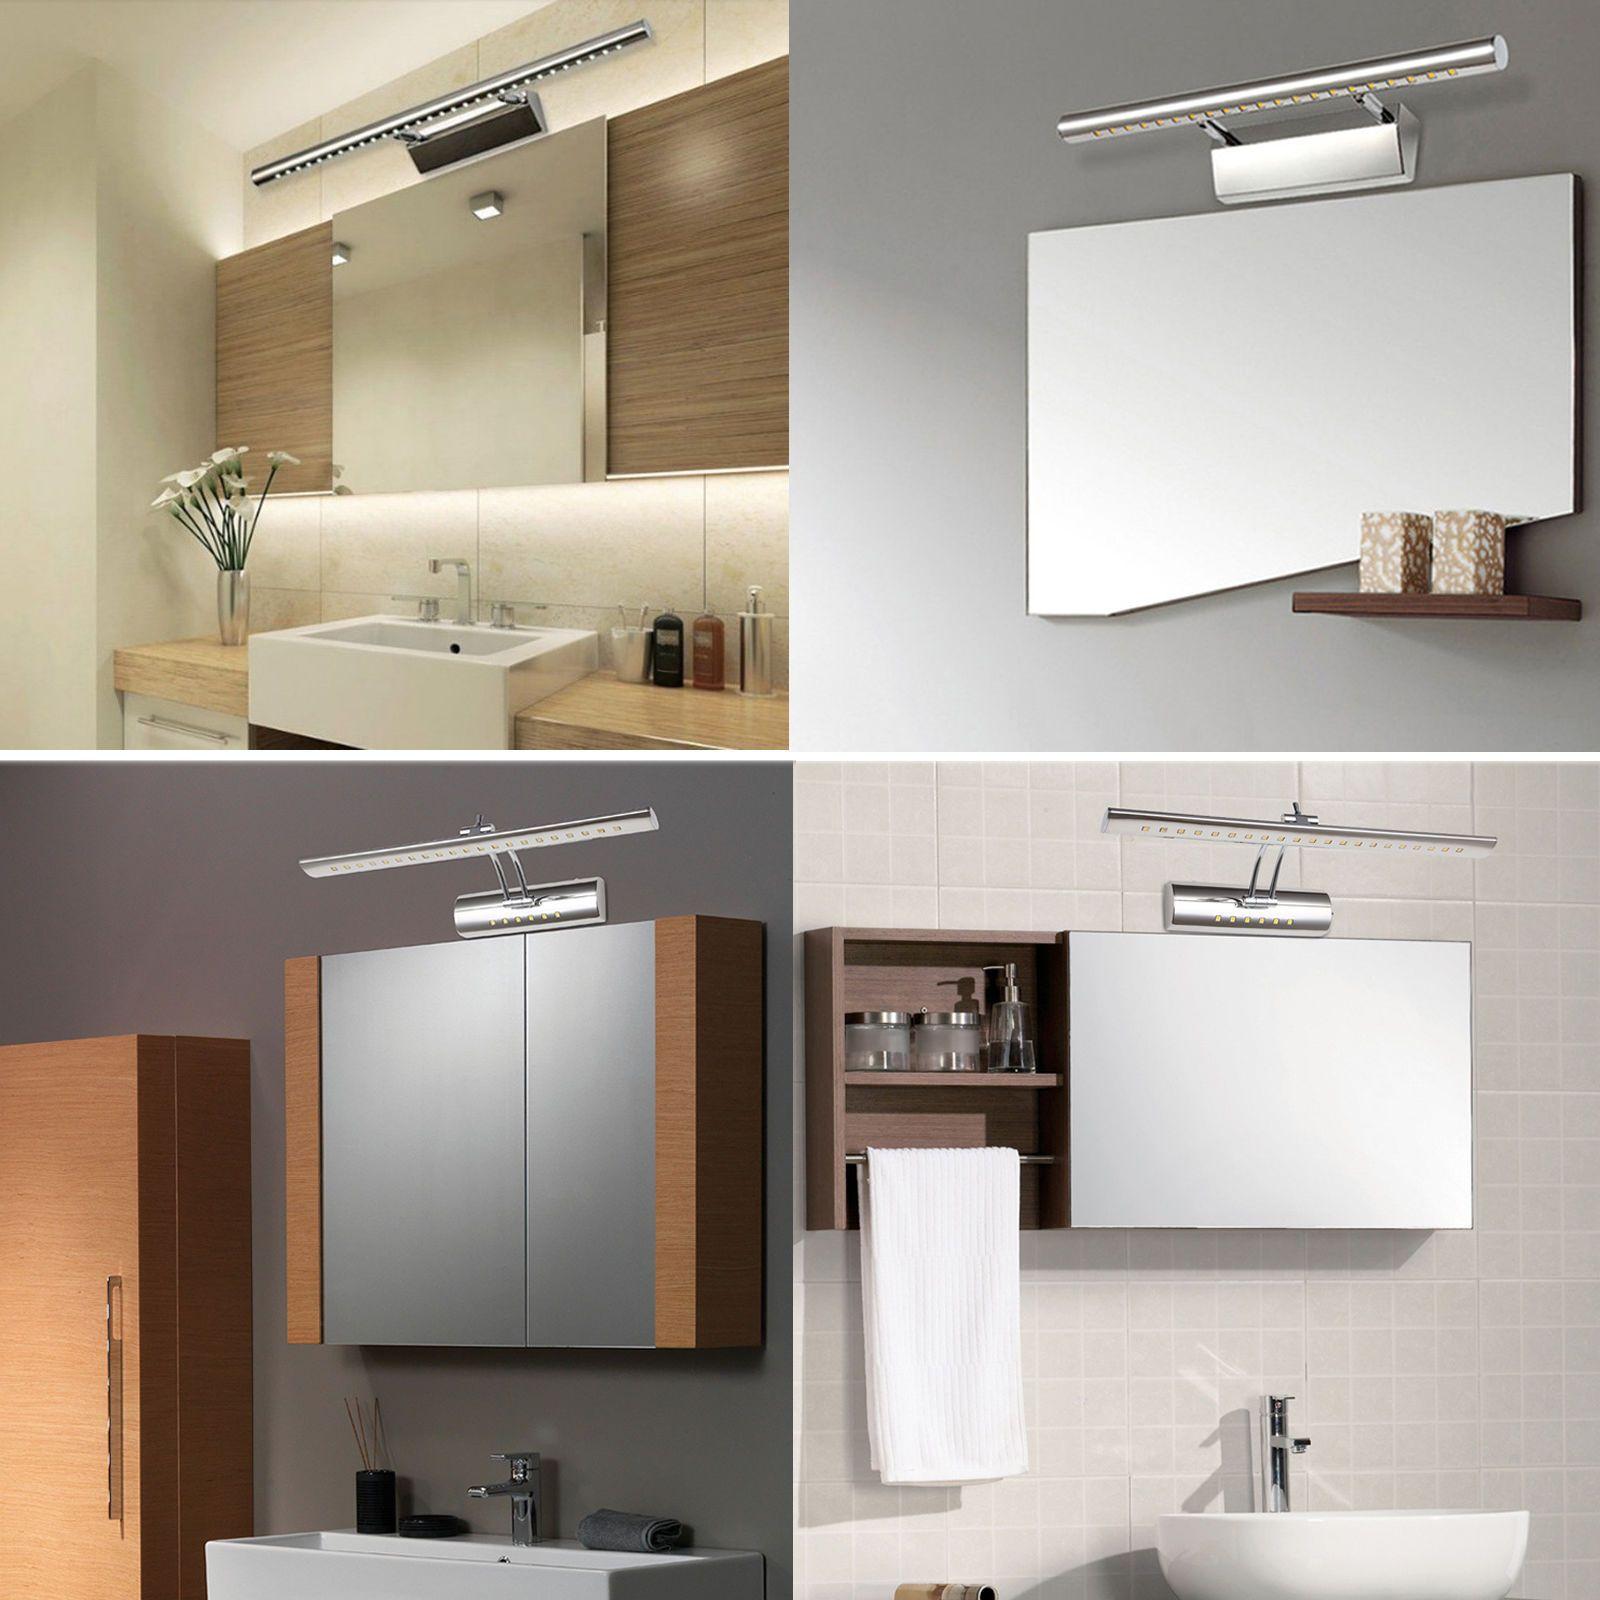 80 Anstandig Fotos Von Spiegellampe Mit Schalter Spiegellampe Lampen Led Bewegungsmelder